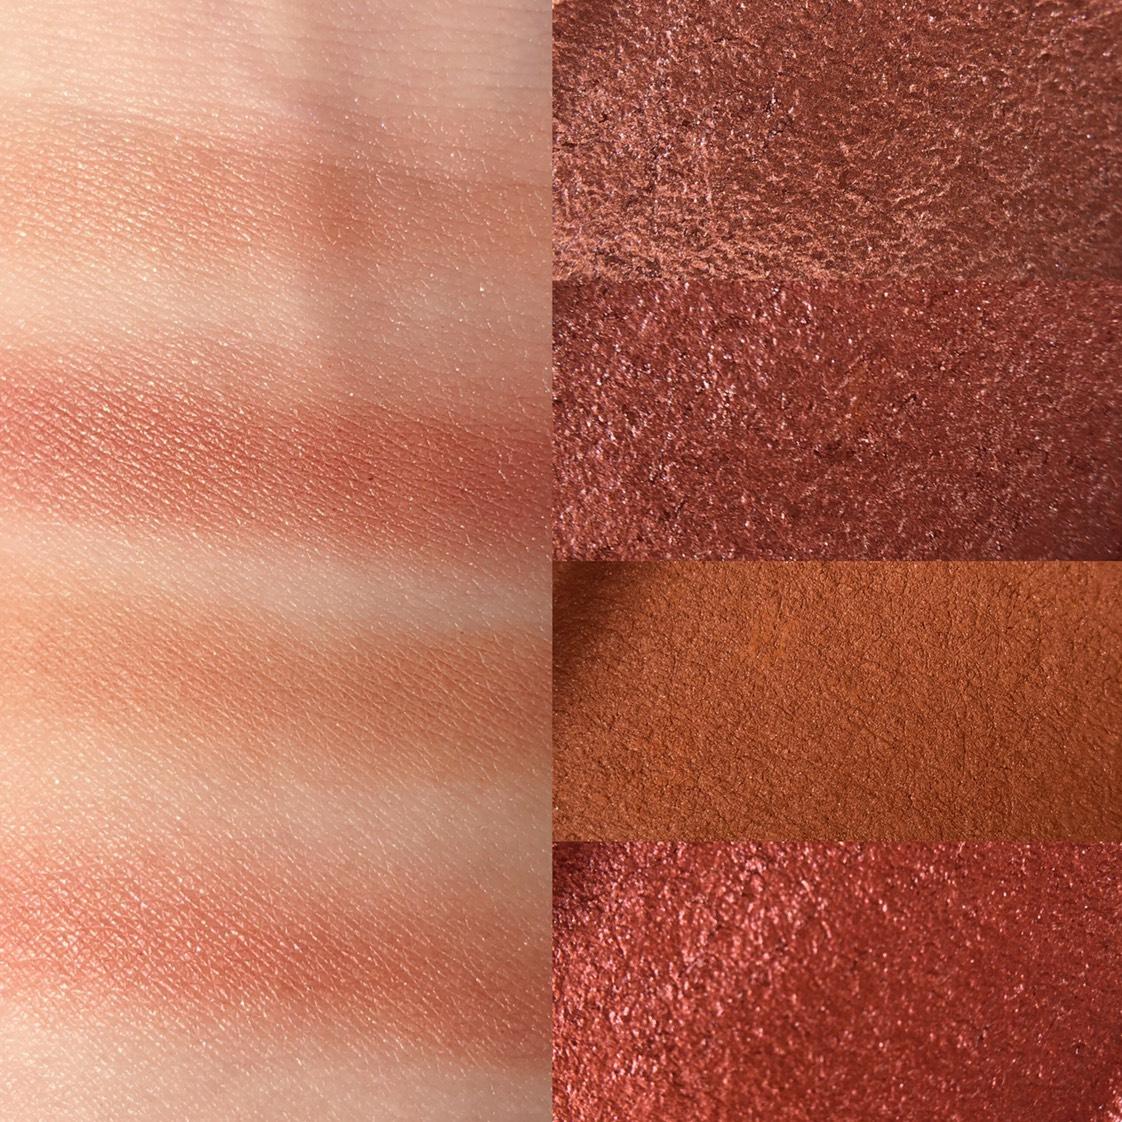 iroasobi(イロアソビ)4色パレット  使いやすいブラウン系のパレット✨  全体的な赤みのあるブラウンカラーで ふんわり高発色でサテンの光沢❤️  粉質もしっとりしていてピタッと 肌に密着してくれます   華やかだけど甘すぎないパレットでした✨✨